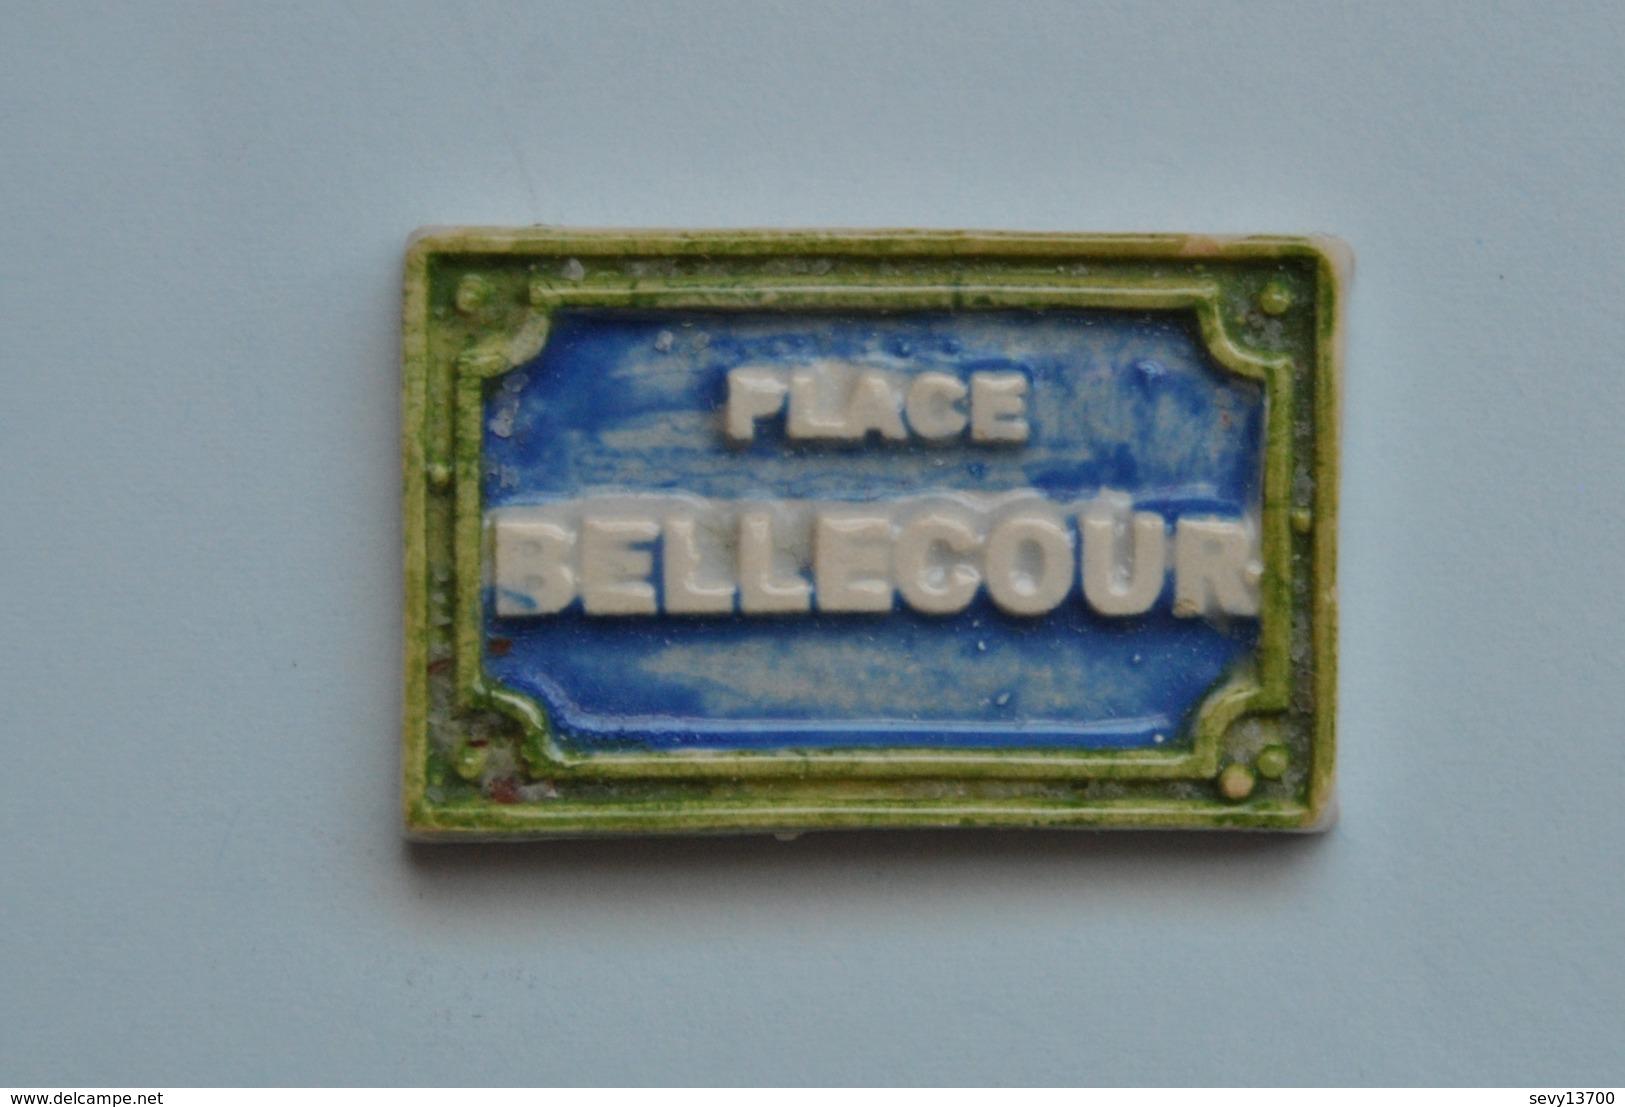 Fève  - Plaque De Nom De Rue - Place Bellecour - Santons/Fèves